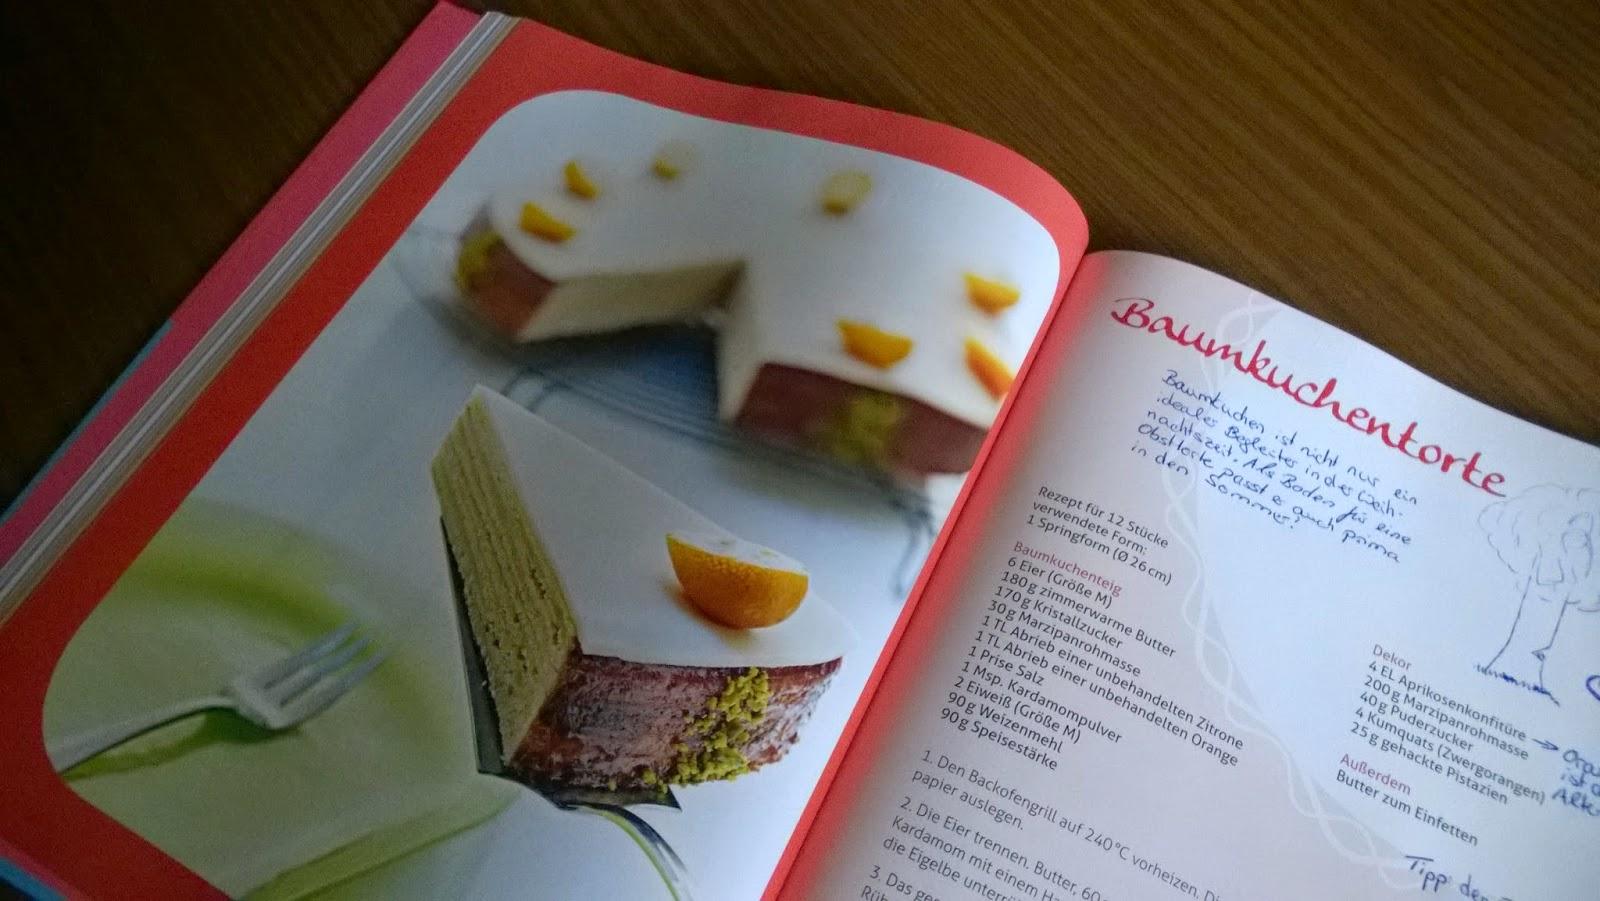 Baumkuchentorte - mein Beitrag bei Love In All Cakes Wanderbuchaktion